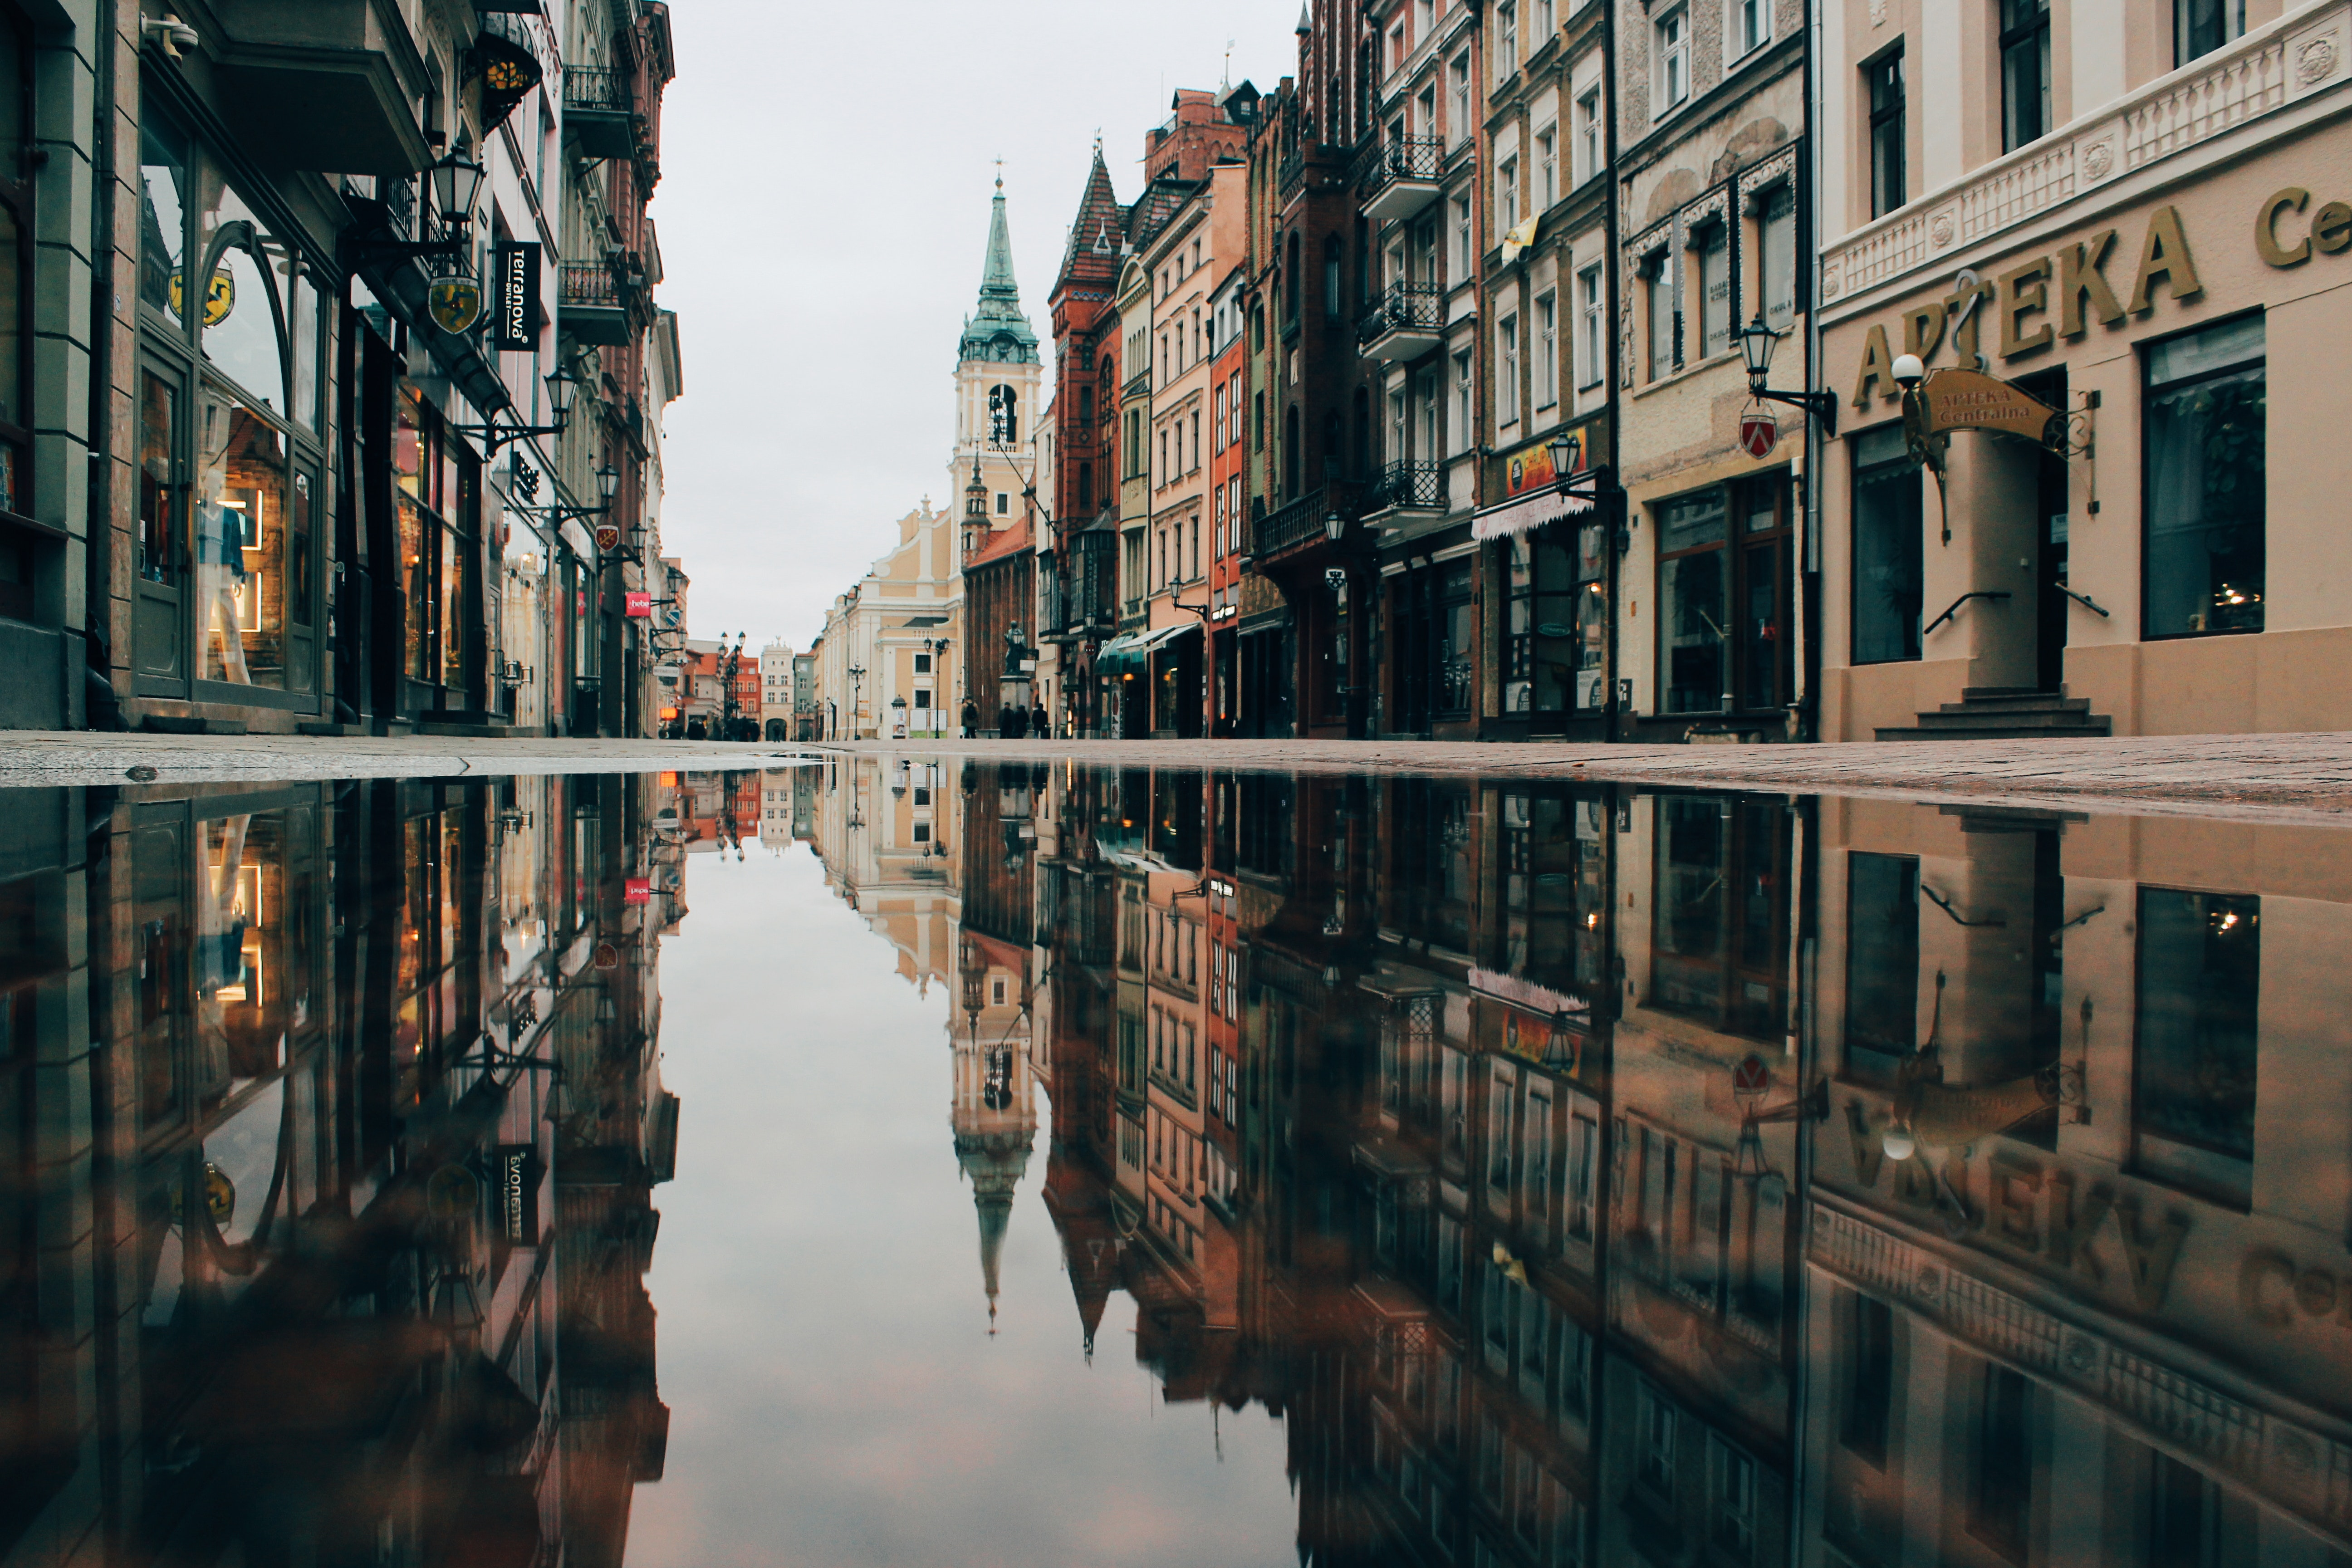 zdjęcie miasta po deszczu